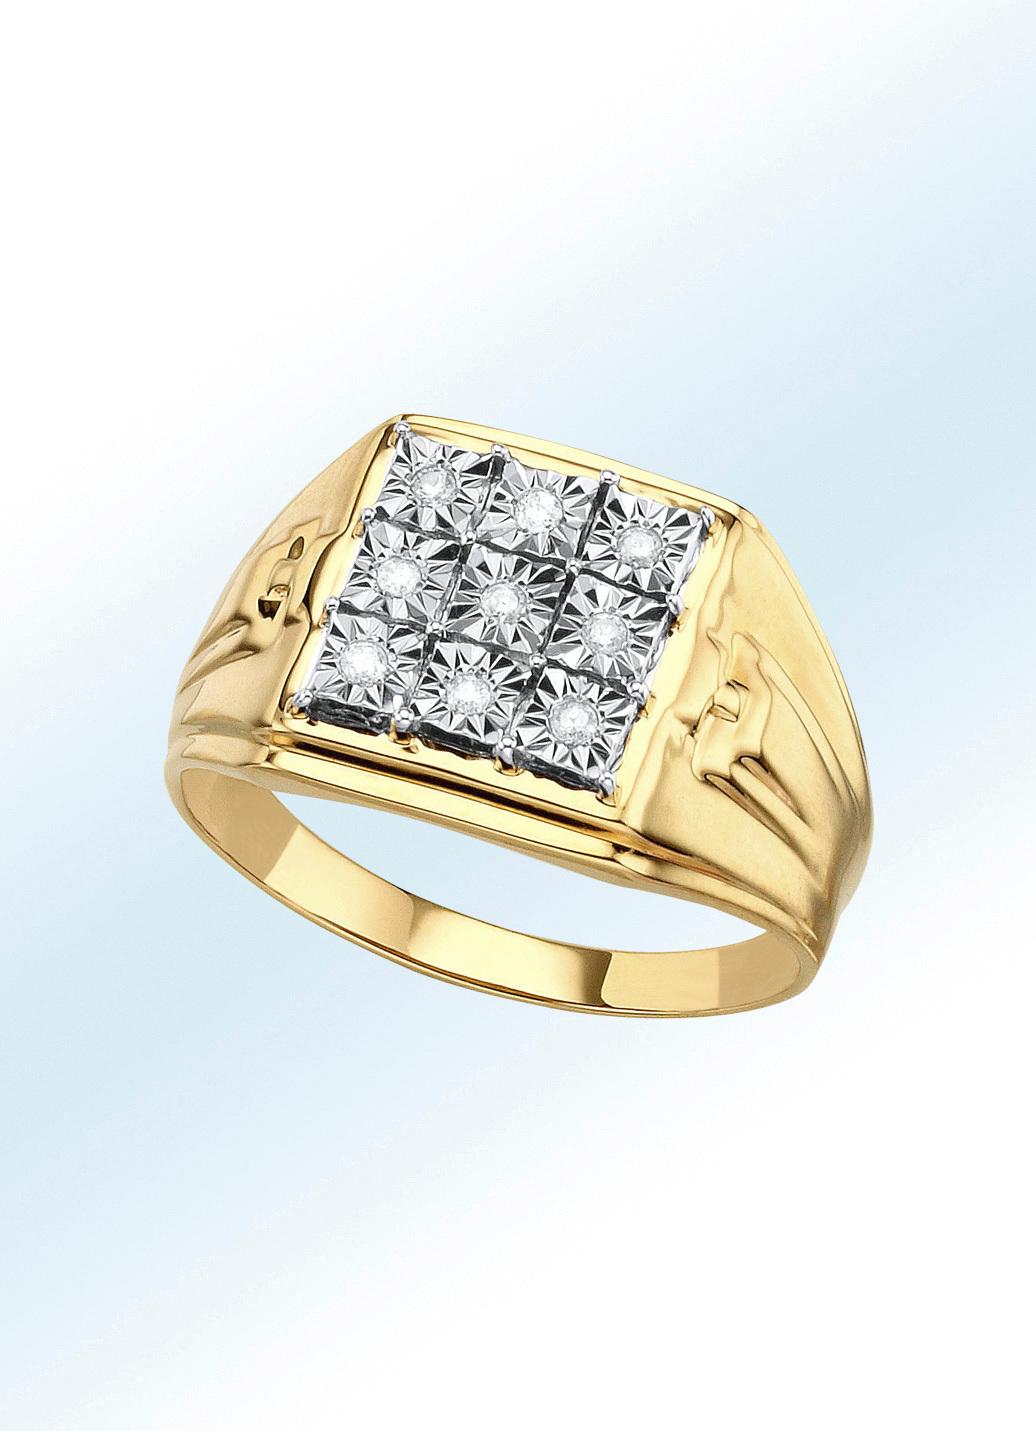 85805a9b5d Interessanter Herrenring mit Brillanten in Gold 585/- fein Größe 20.0 Herren  Preisvergleich